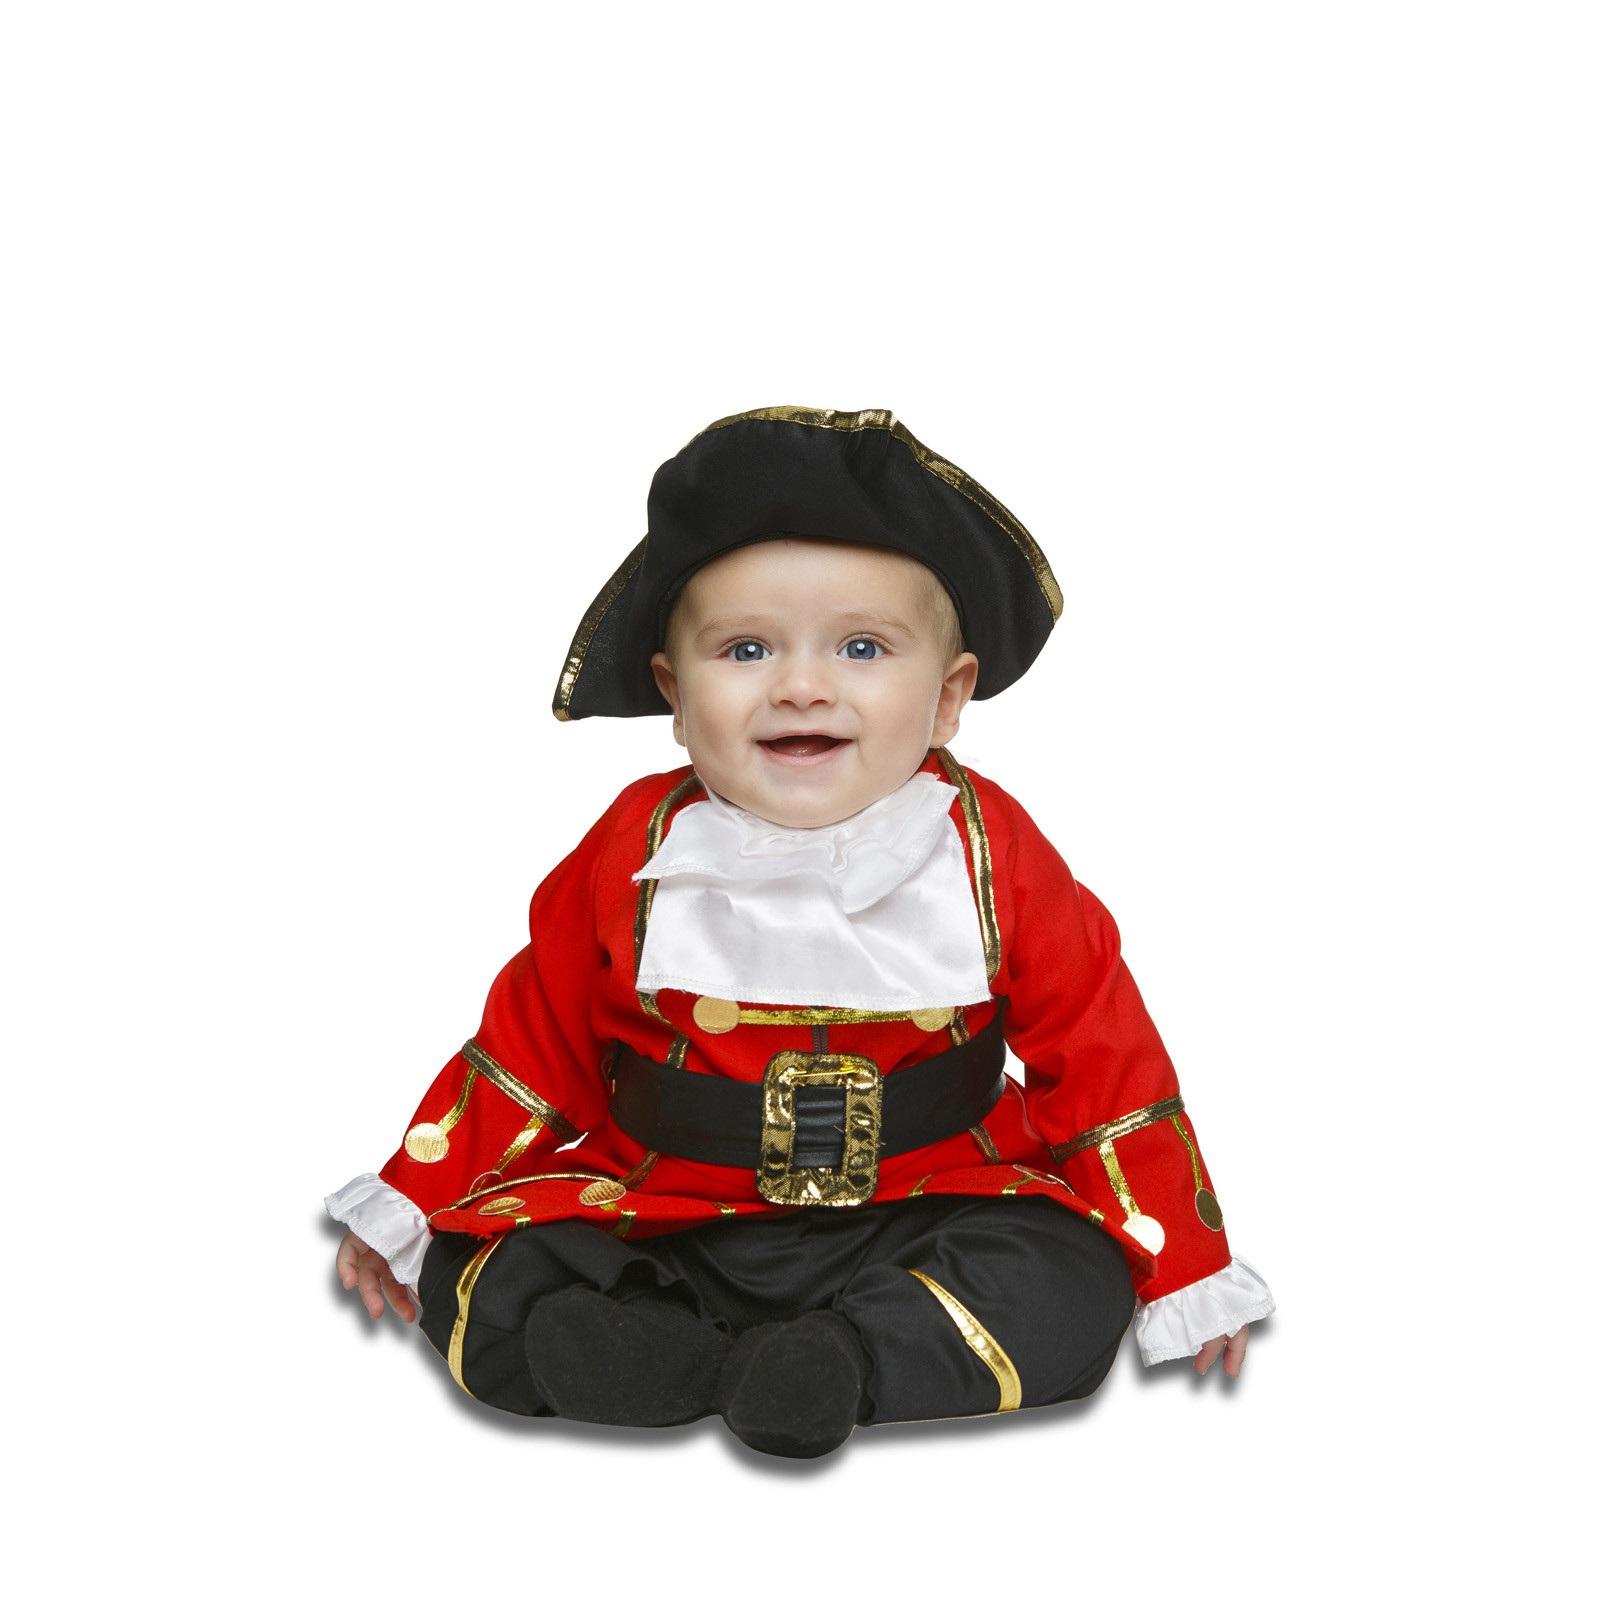 disfraz pequeño corsario bebé 204967mom - DISFRAZ DE PEQUEÑO CORSARIO BEBE